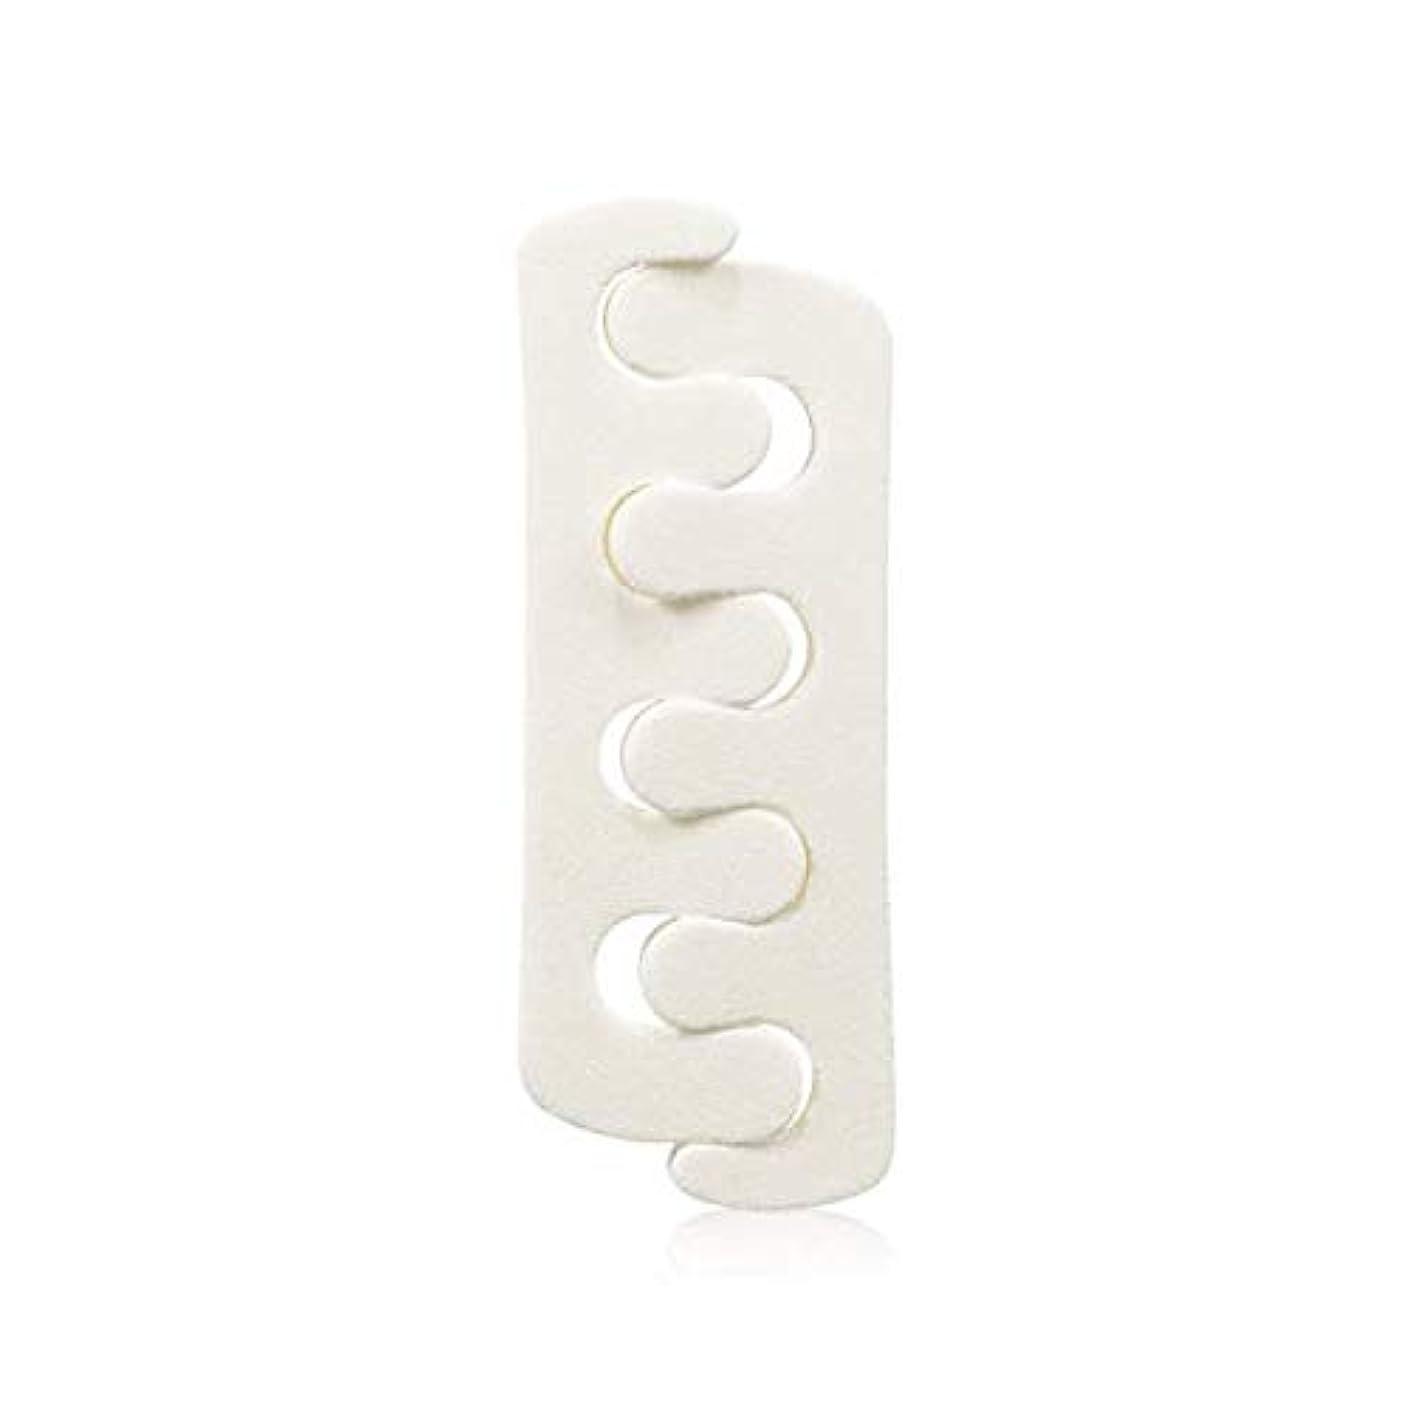 アルコール辛なデクリメント[イニスフリー.innisfree]ビューティーツールペディキュア台Beauty Tool Toe Separators For Pedicure_簡単かつ手軽にペディキュアを助けてくれるつま先台